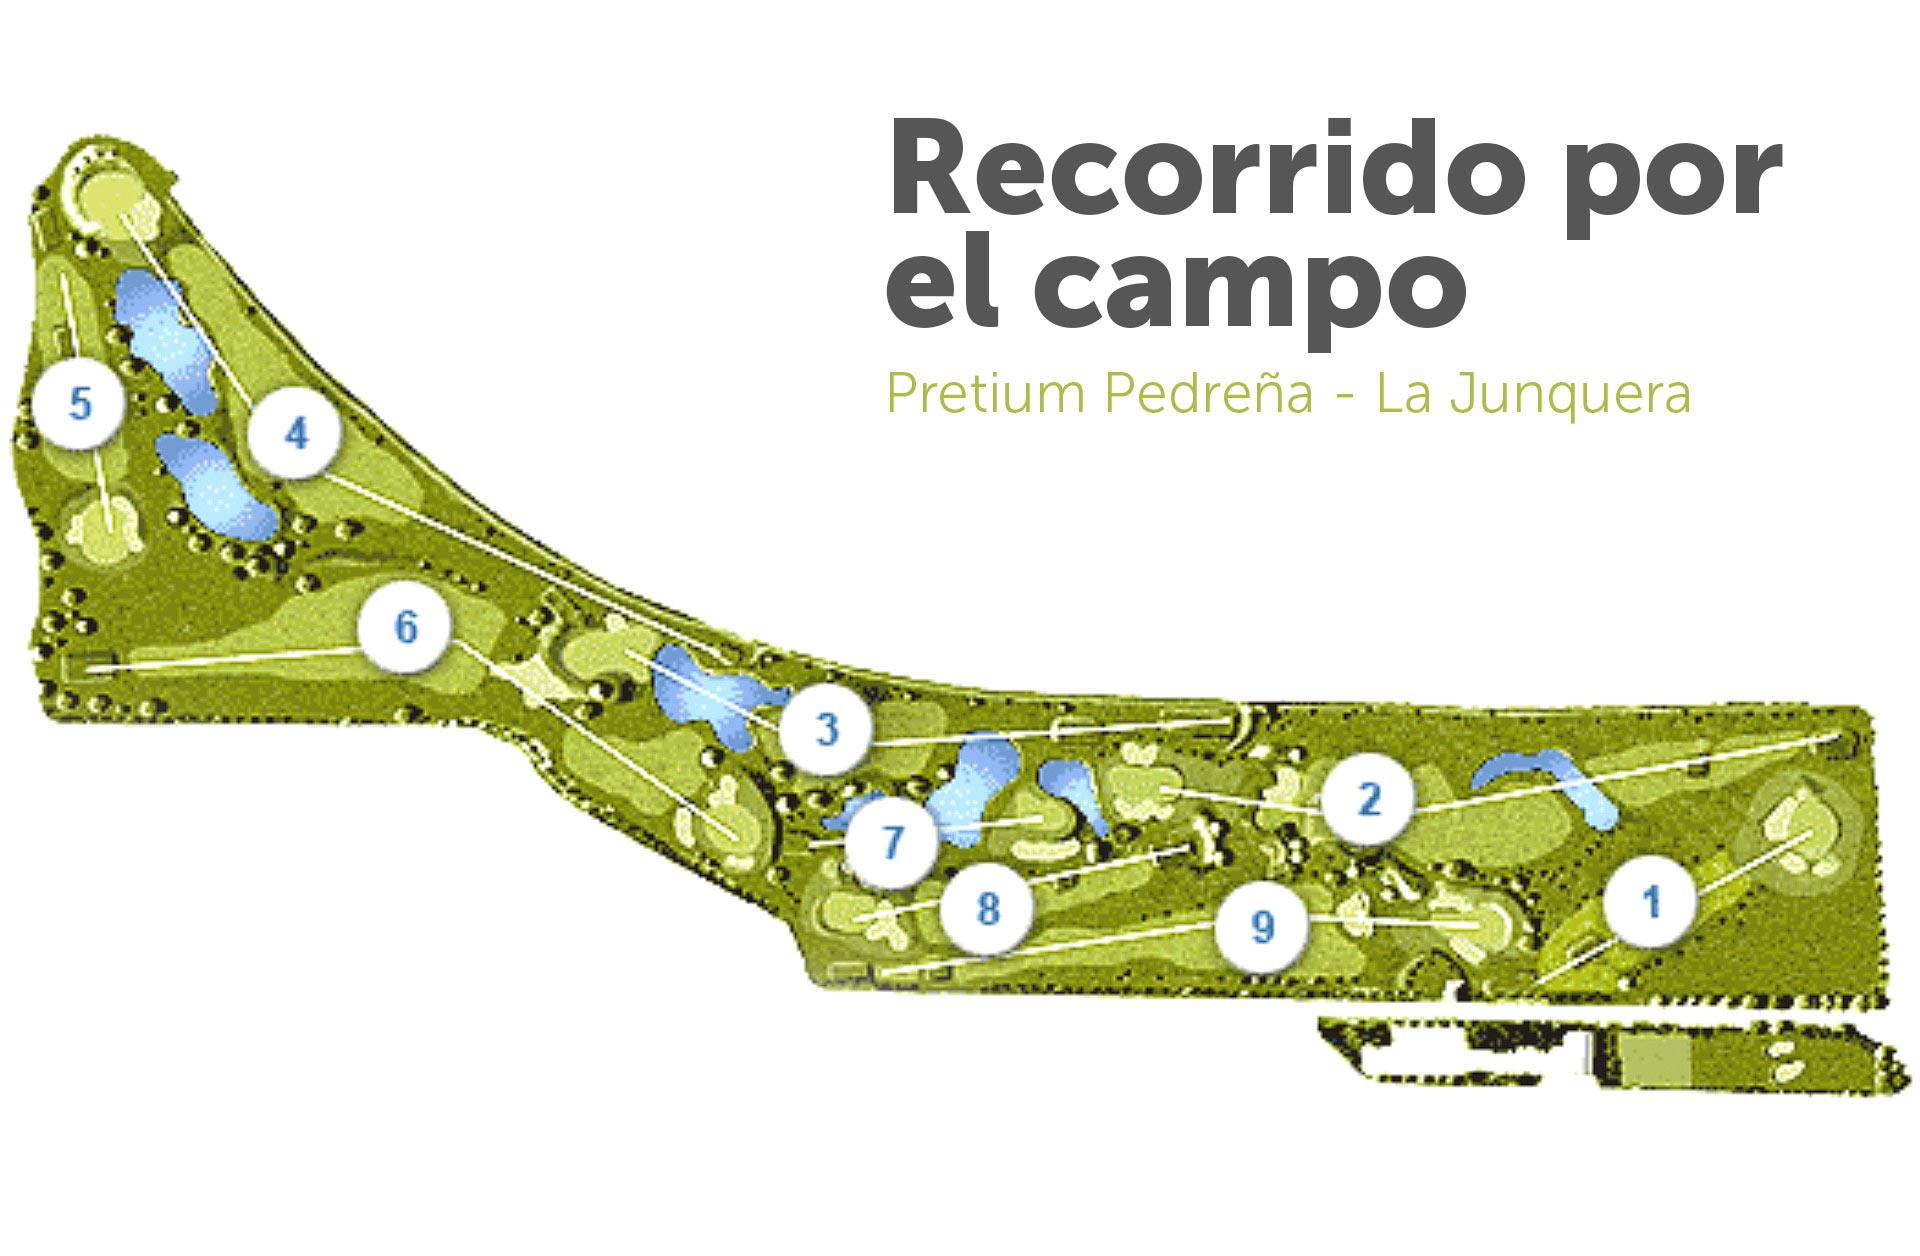 Pedreña - La Junquera recorrido